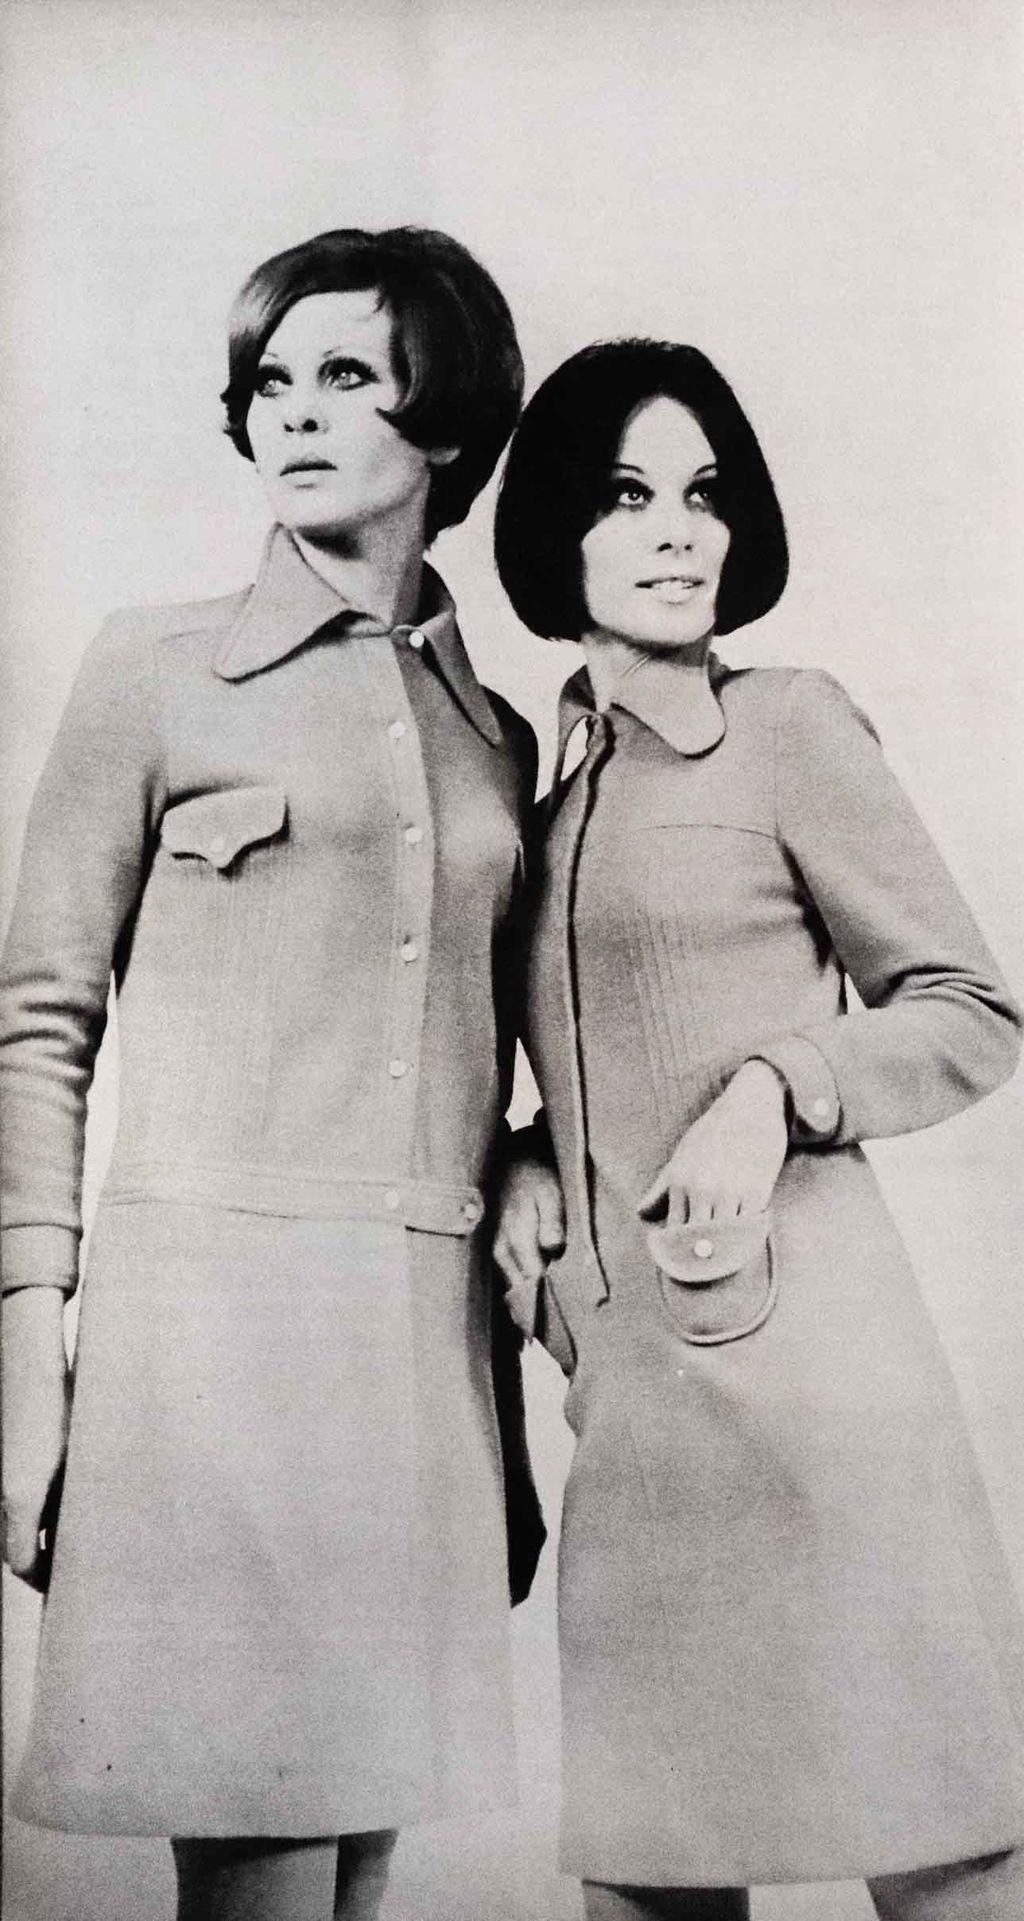 Izložba Moda i odijevanje u Zagrebu 1960-ih godina - 5